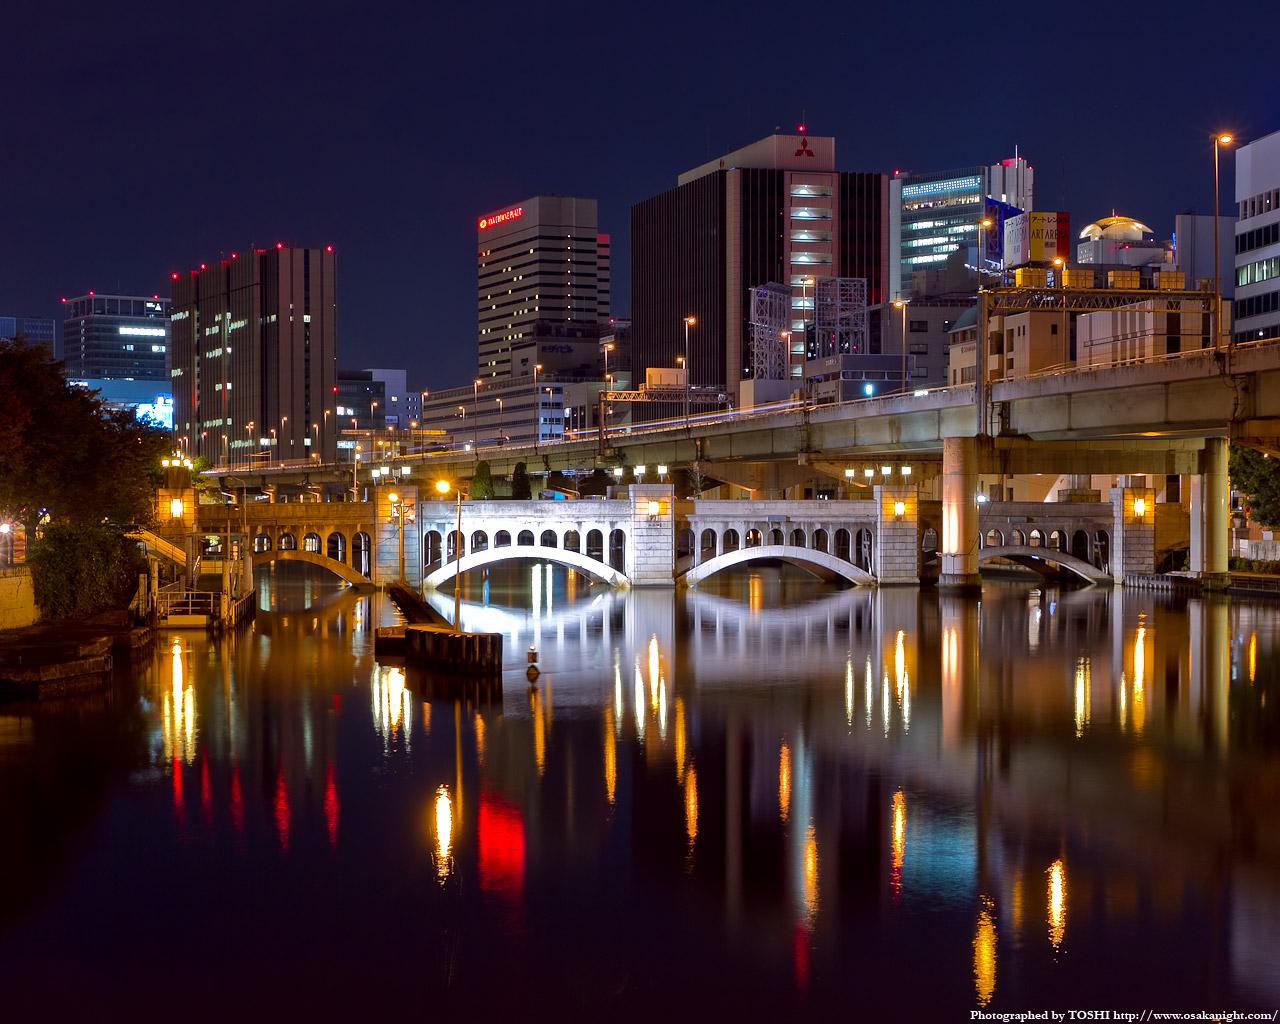 水晶橋のライトアップ夜景1